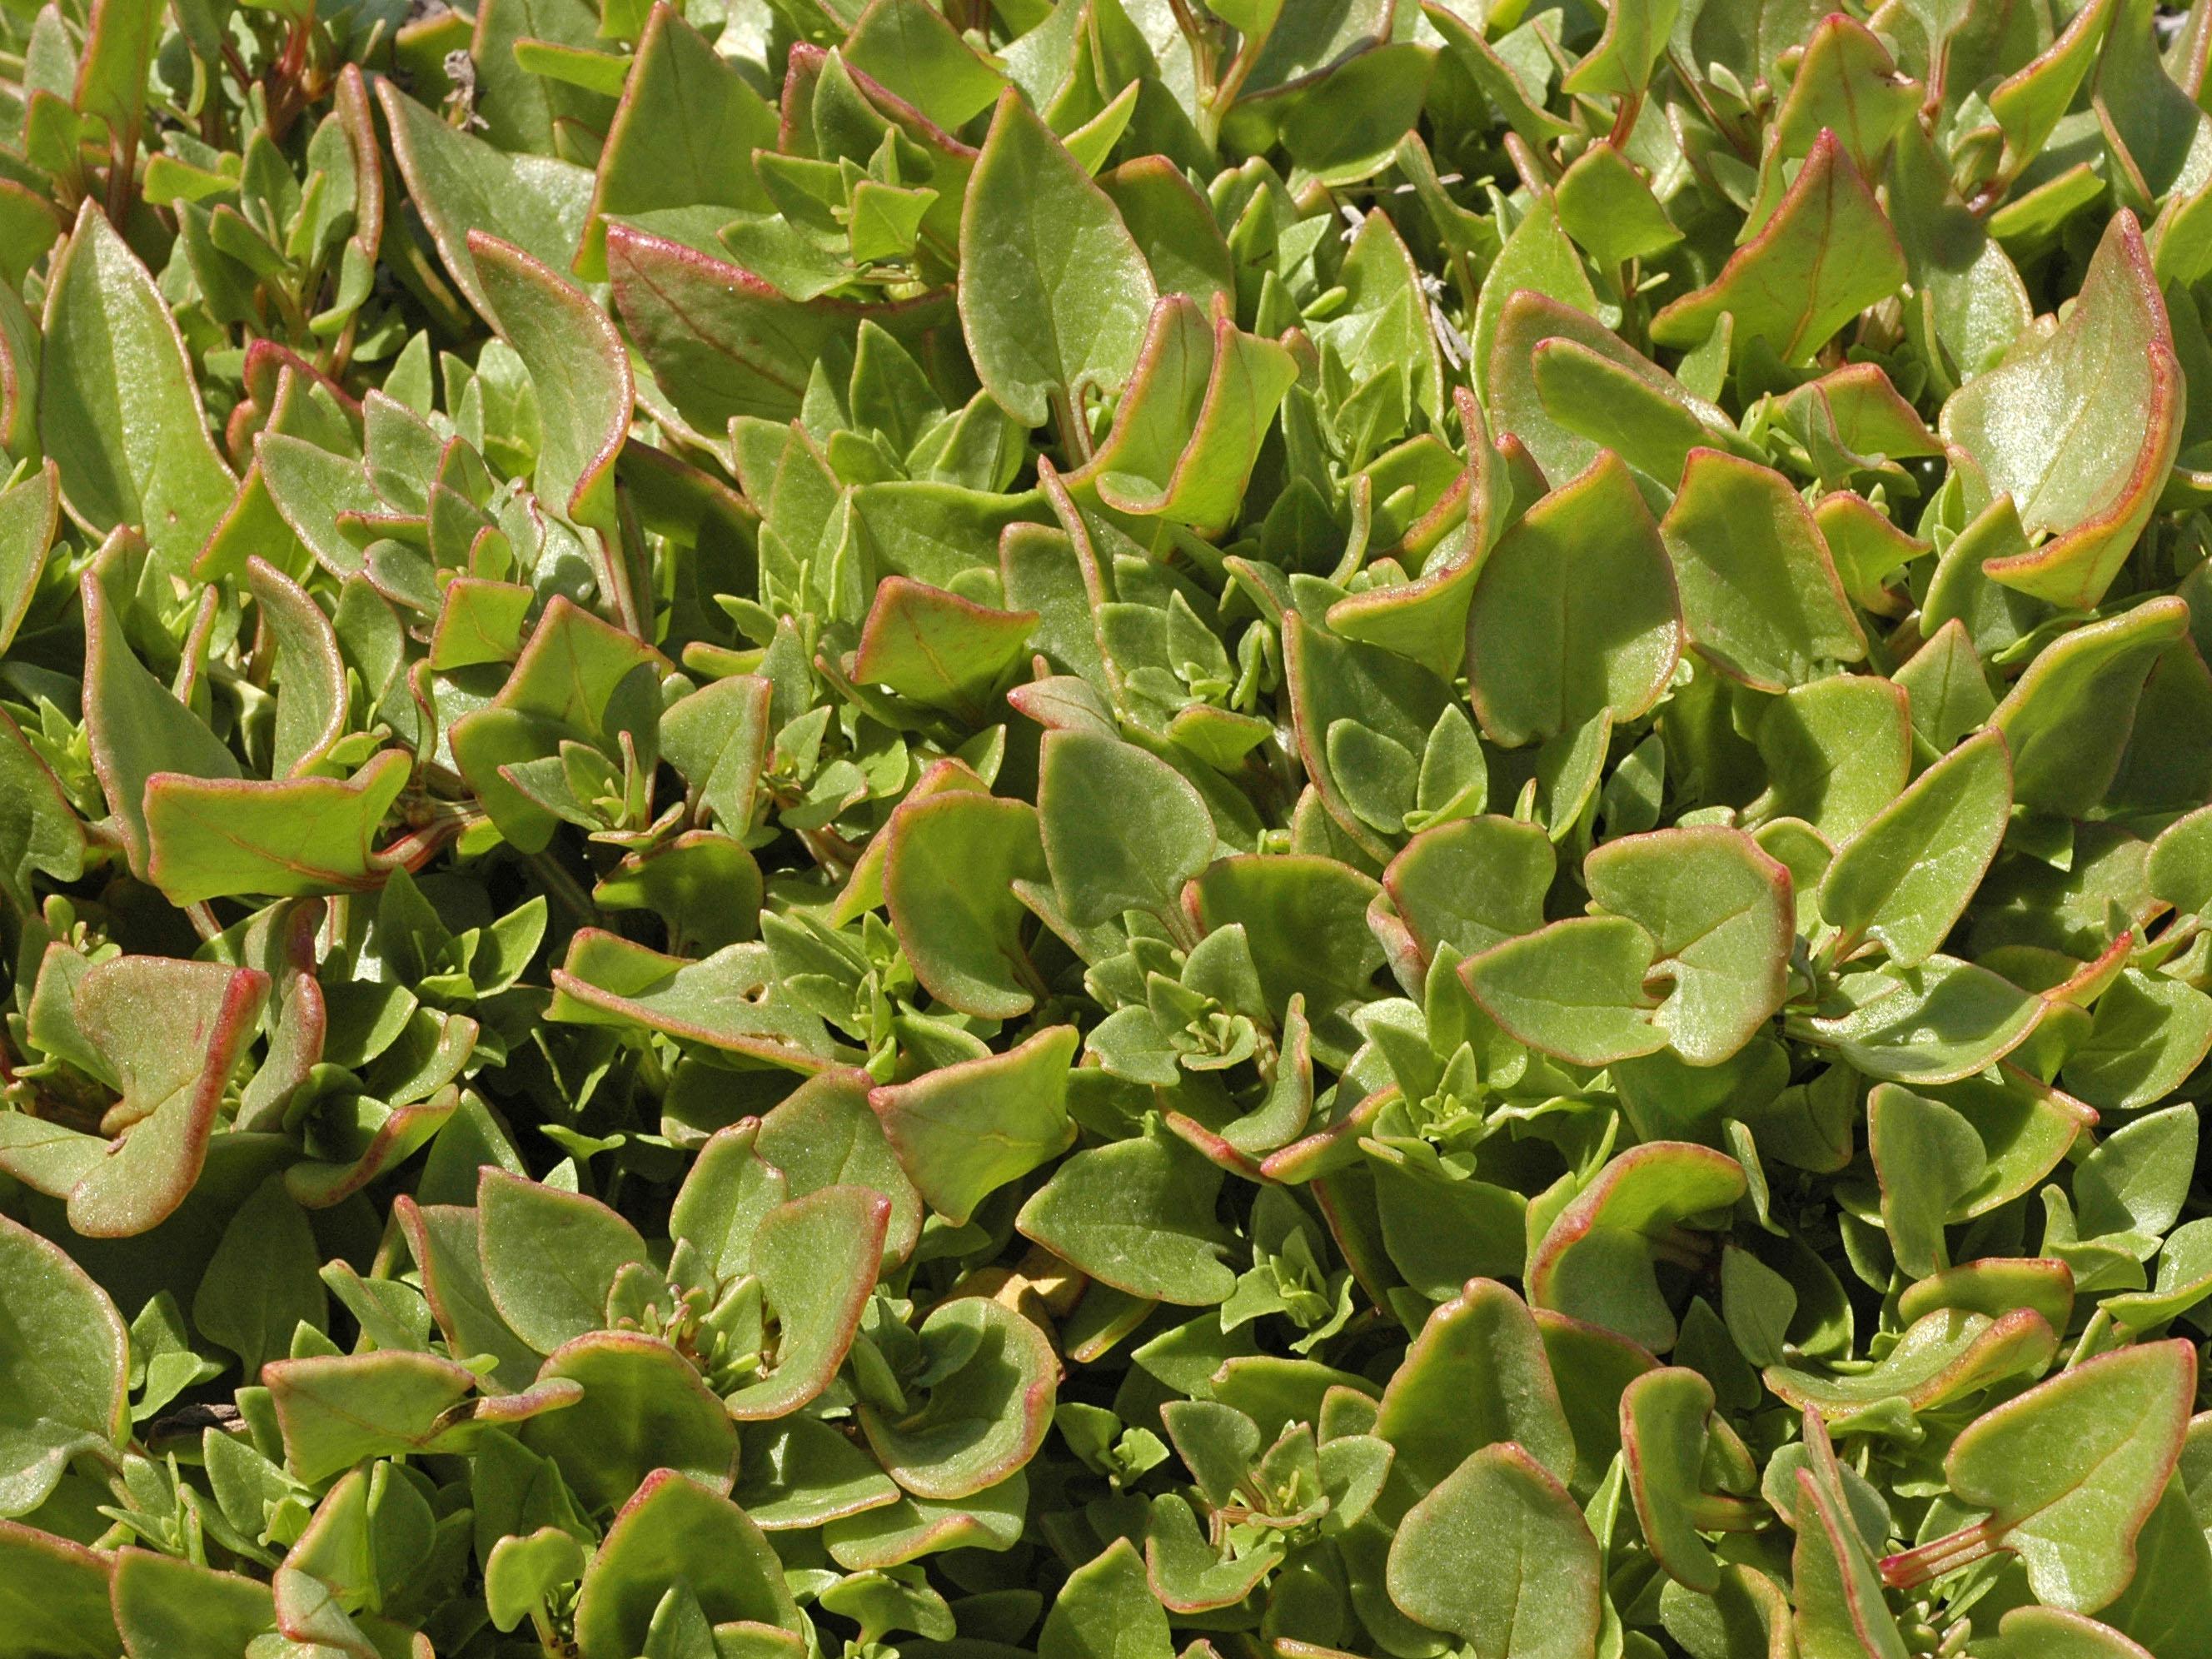 Patellifolia patellaris